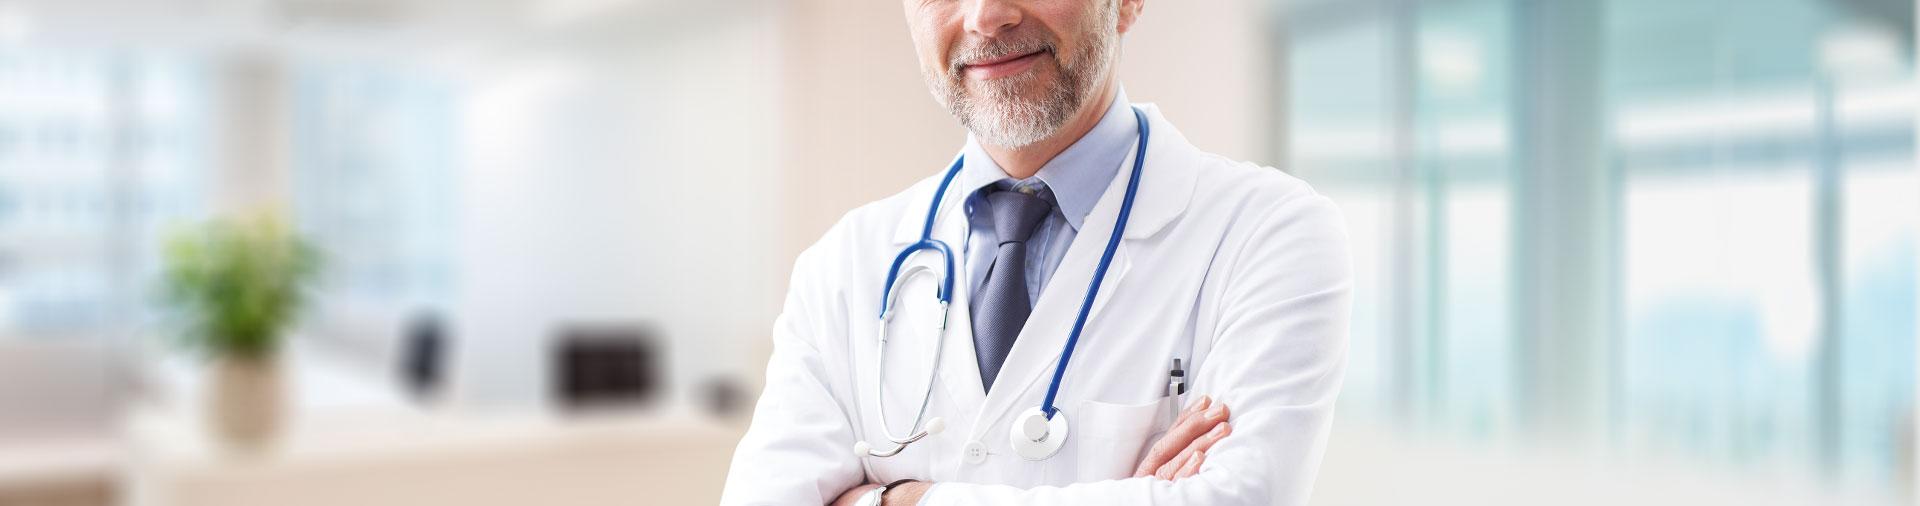 Approfondimenti e consigli sulle patologie invernali